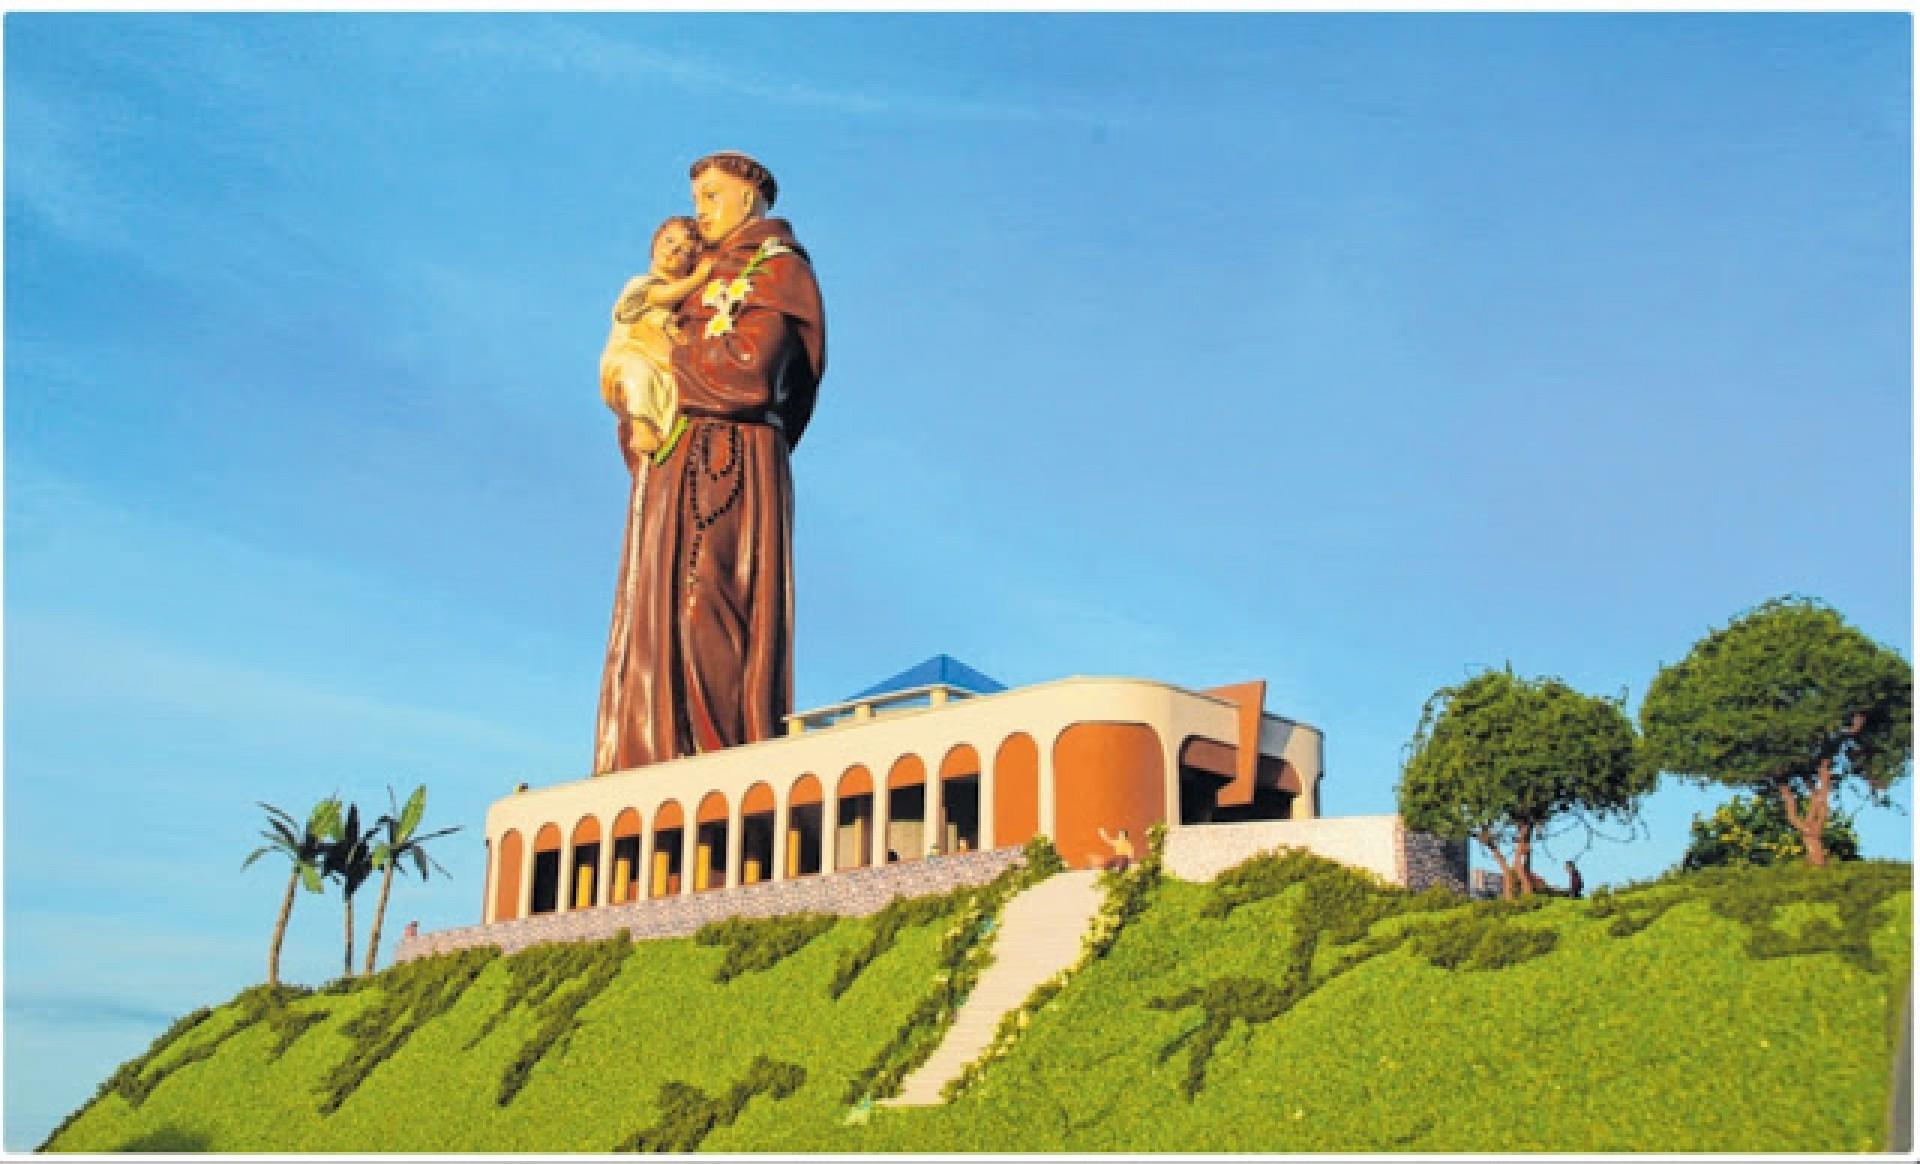 Ceará ganhará estátua de Santo Antônio quase do tamanho do Cristo Redentor